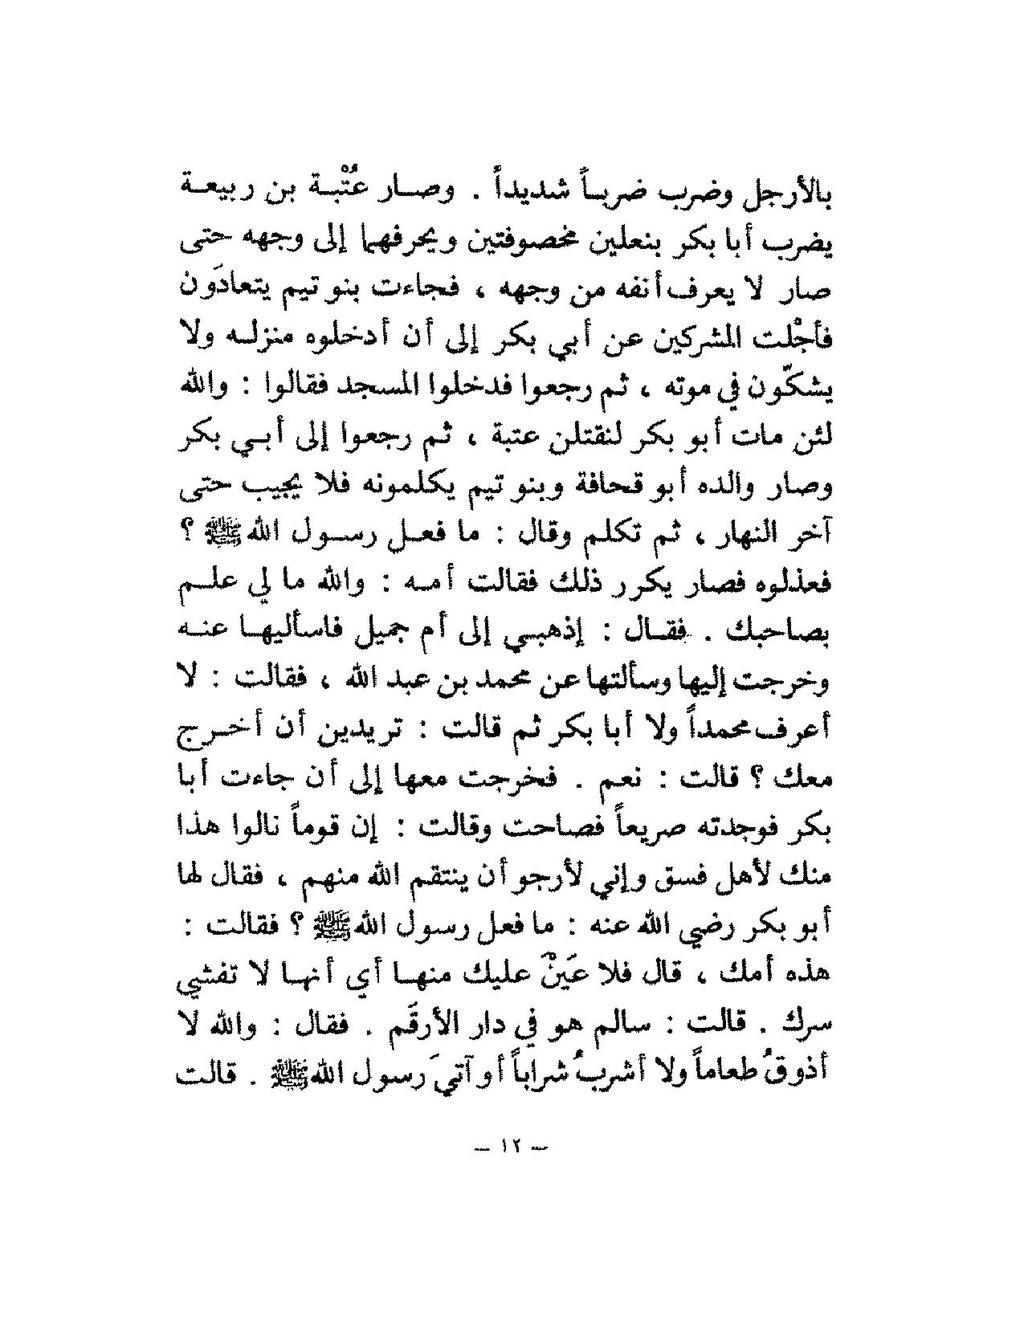 كتاب تاريخ الخلفاء الراشدين محمد ابا الخيل pdf